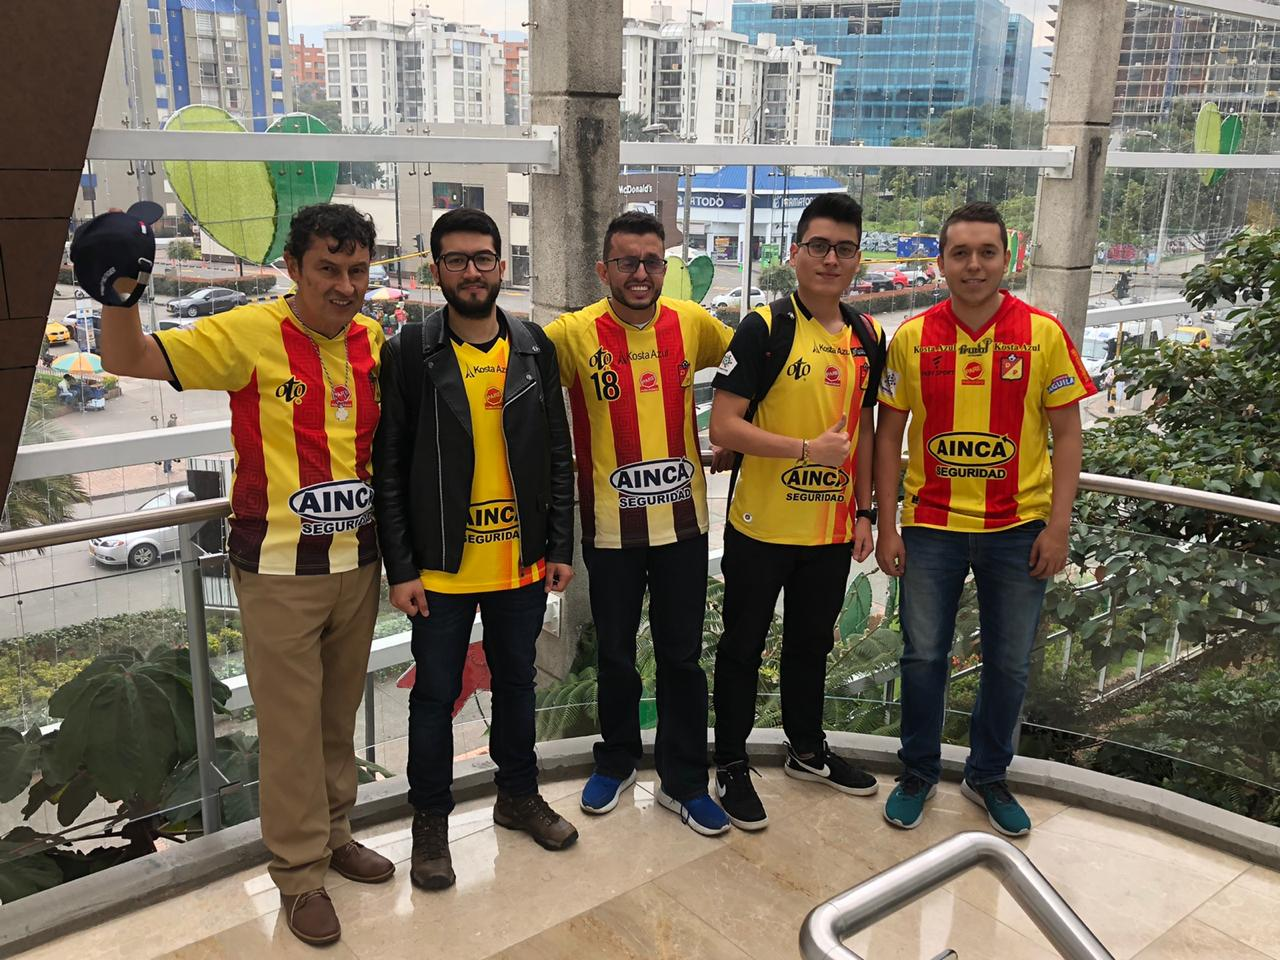 Los hinchas listos para apoyar al Deportivo Pereira hoy en la capital - El Diario de Otún